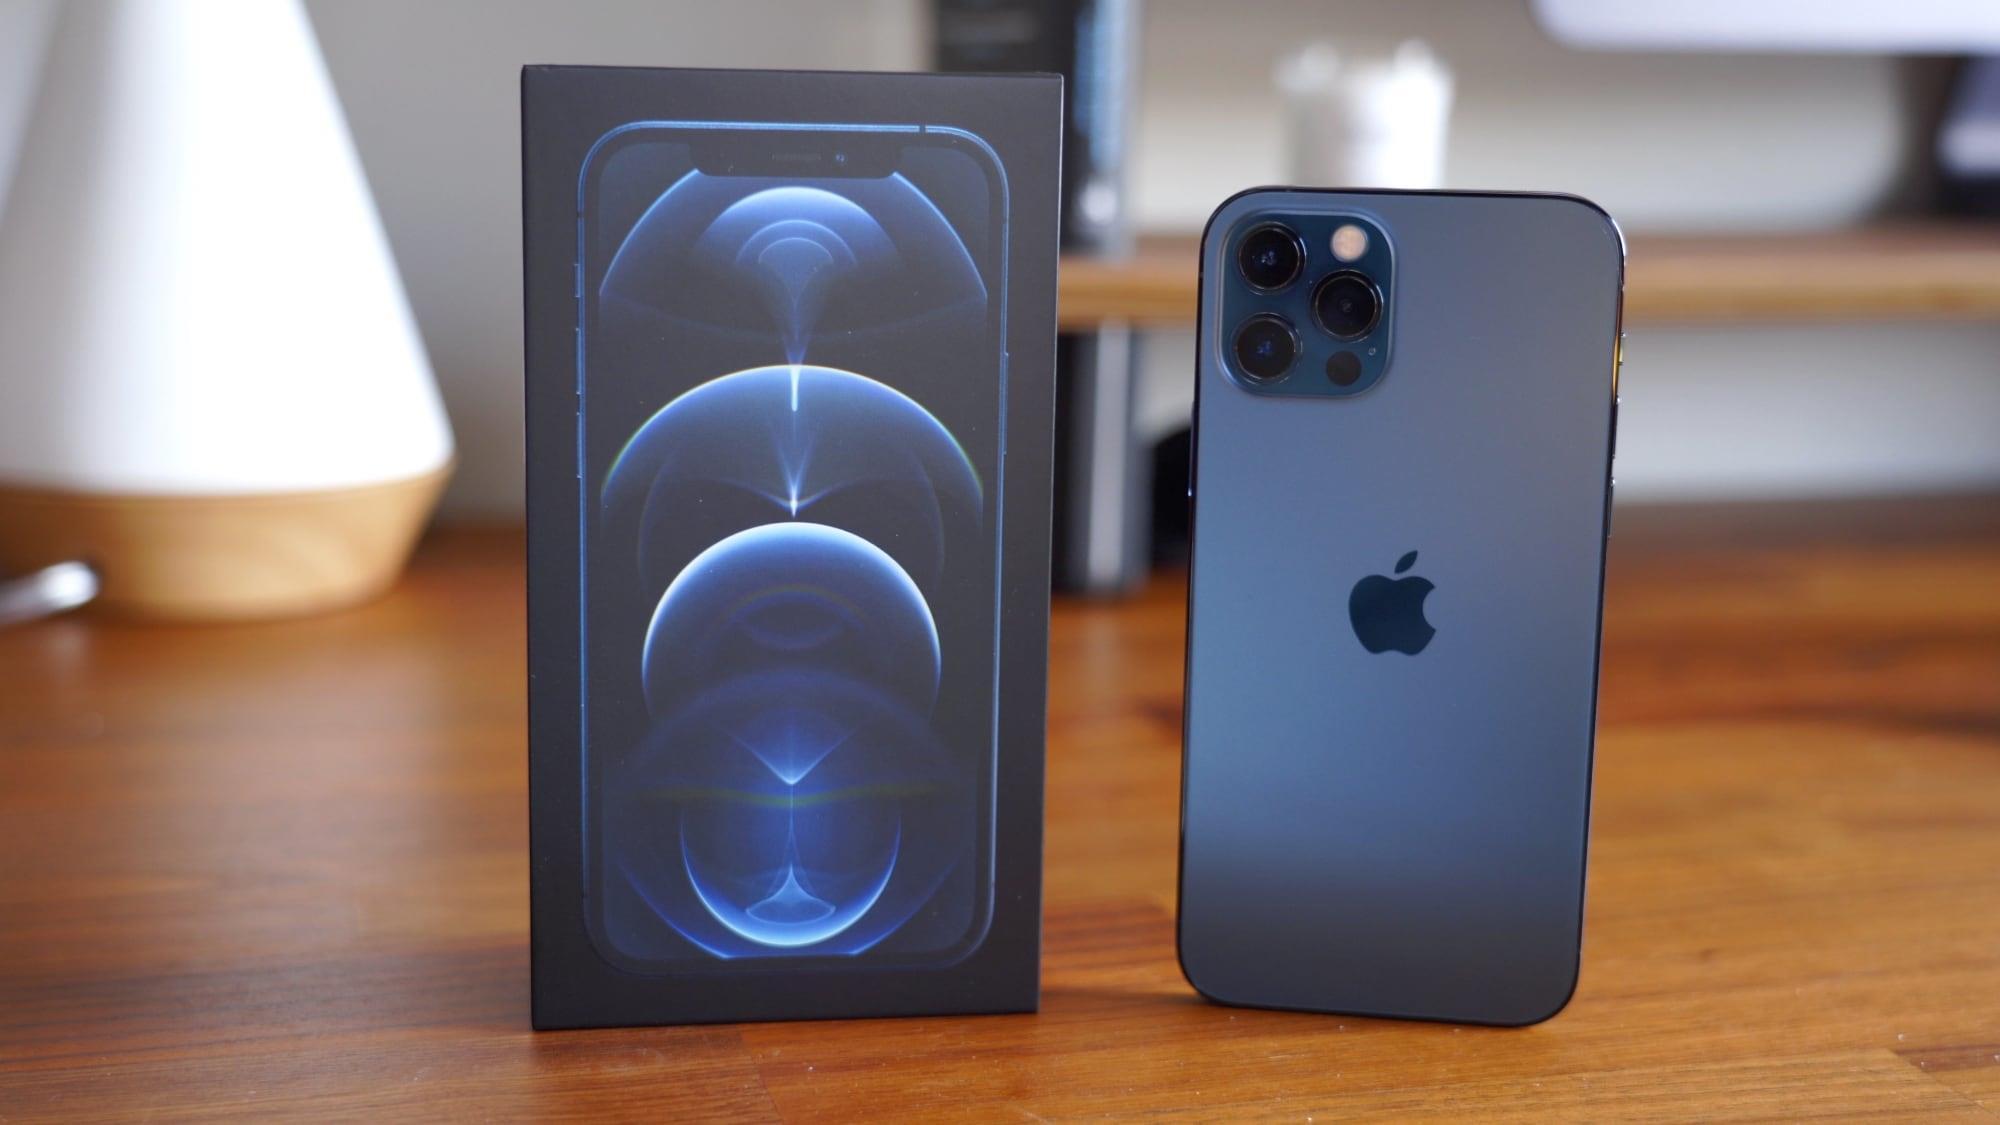 苹果、高通遭遇专利诉讼:iPhone 12 被指侵犯射频校准专利